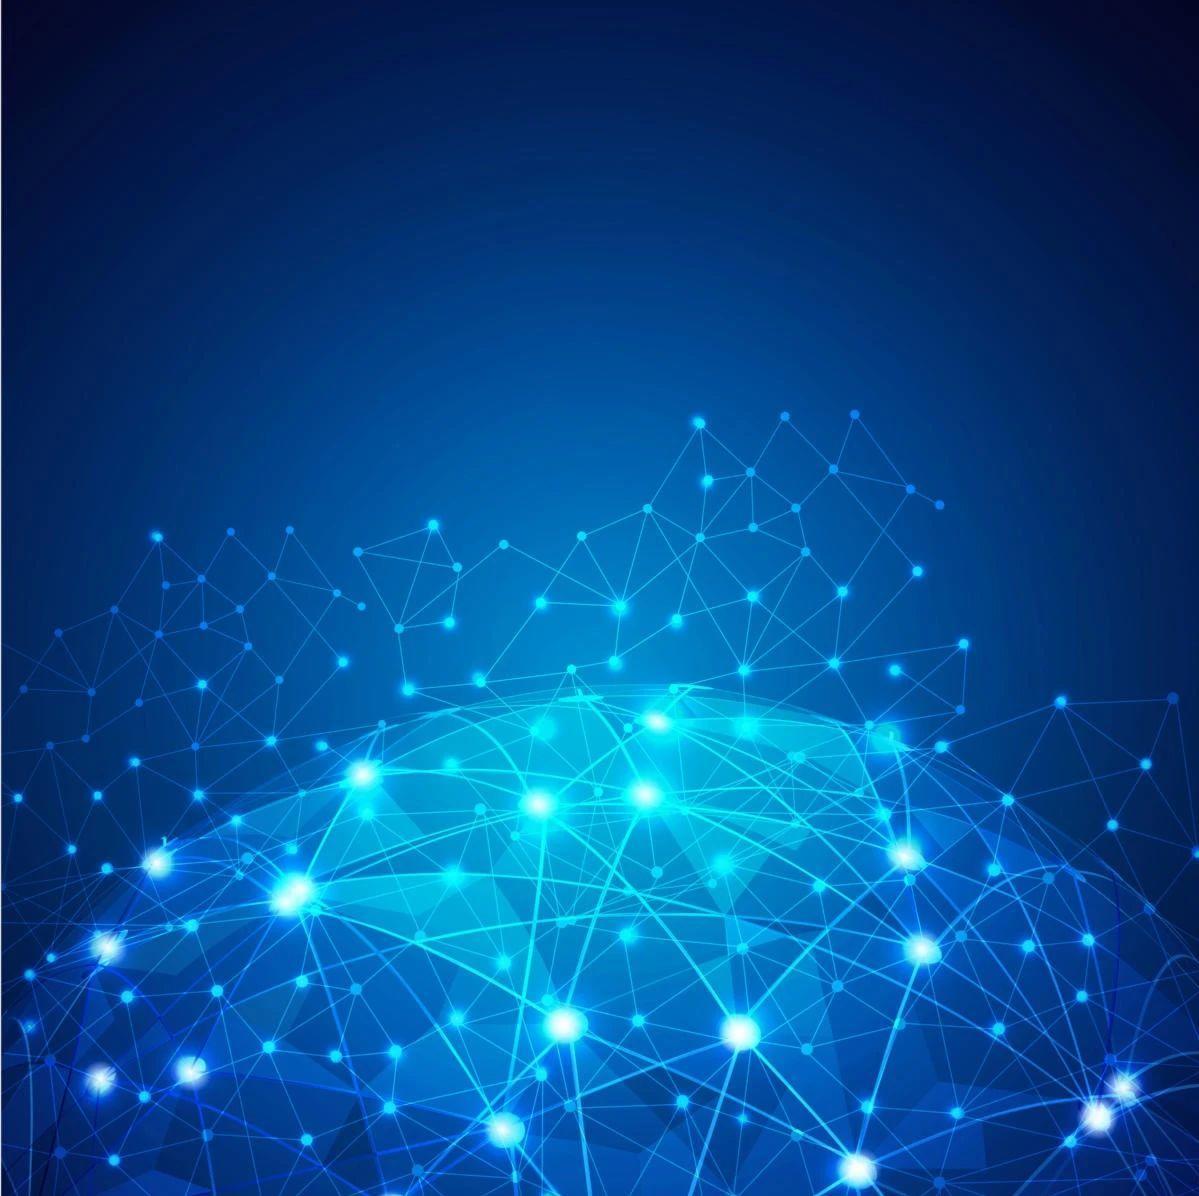 基于环境噪声的网络重构 | 网络科学论文速递18篇